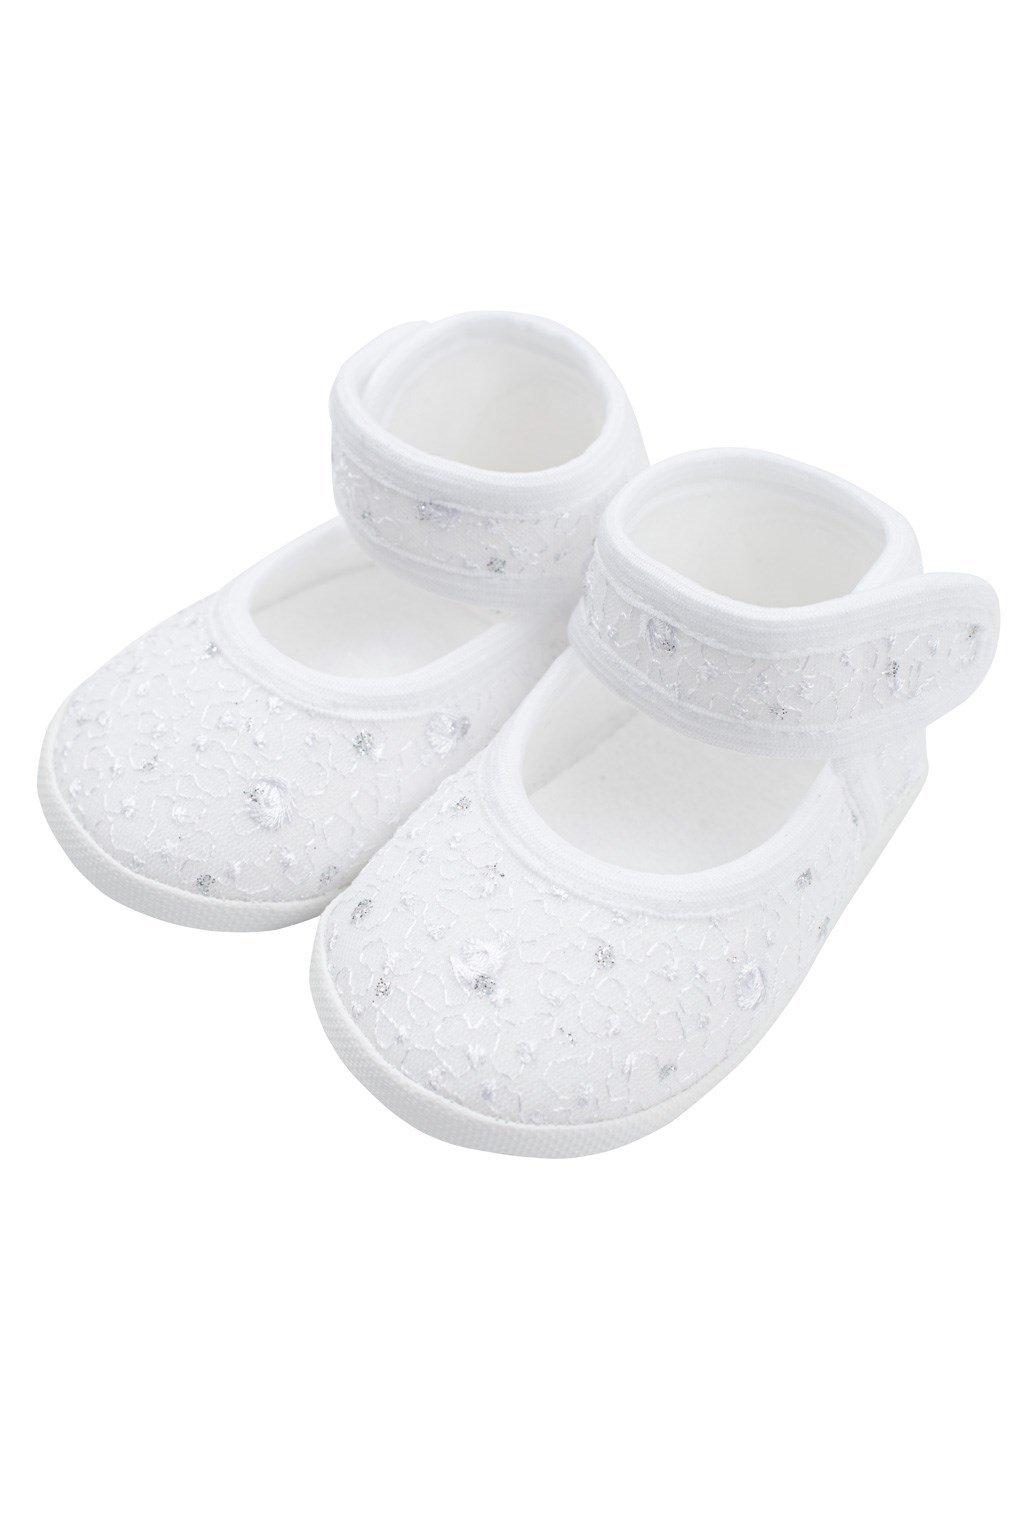 Dojčenské capačky New Baby strieborno-biele 12-18 m